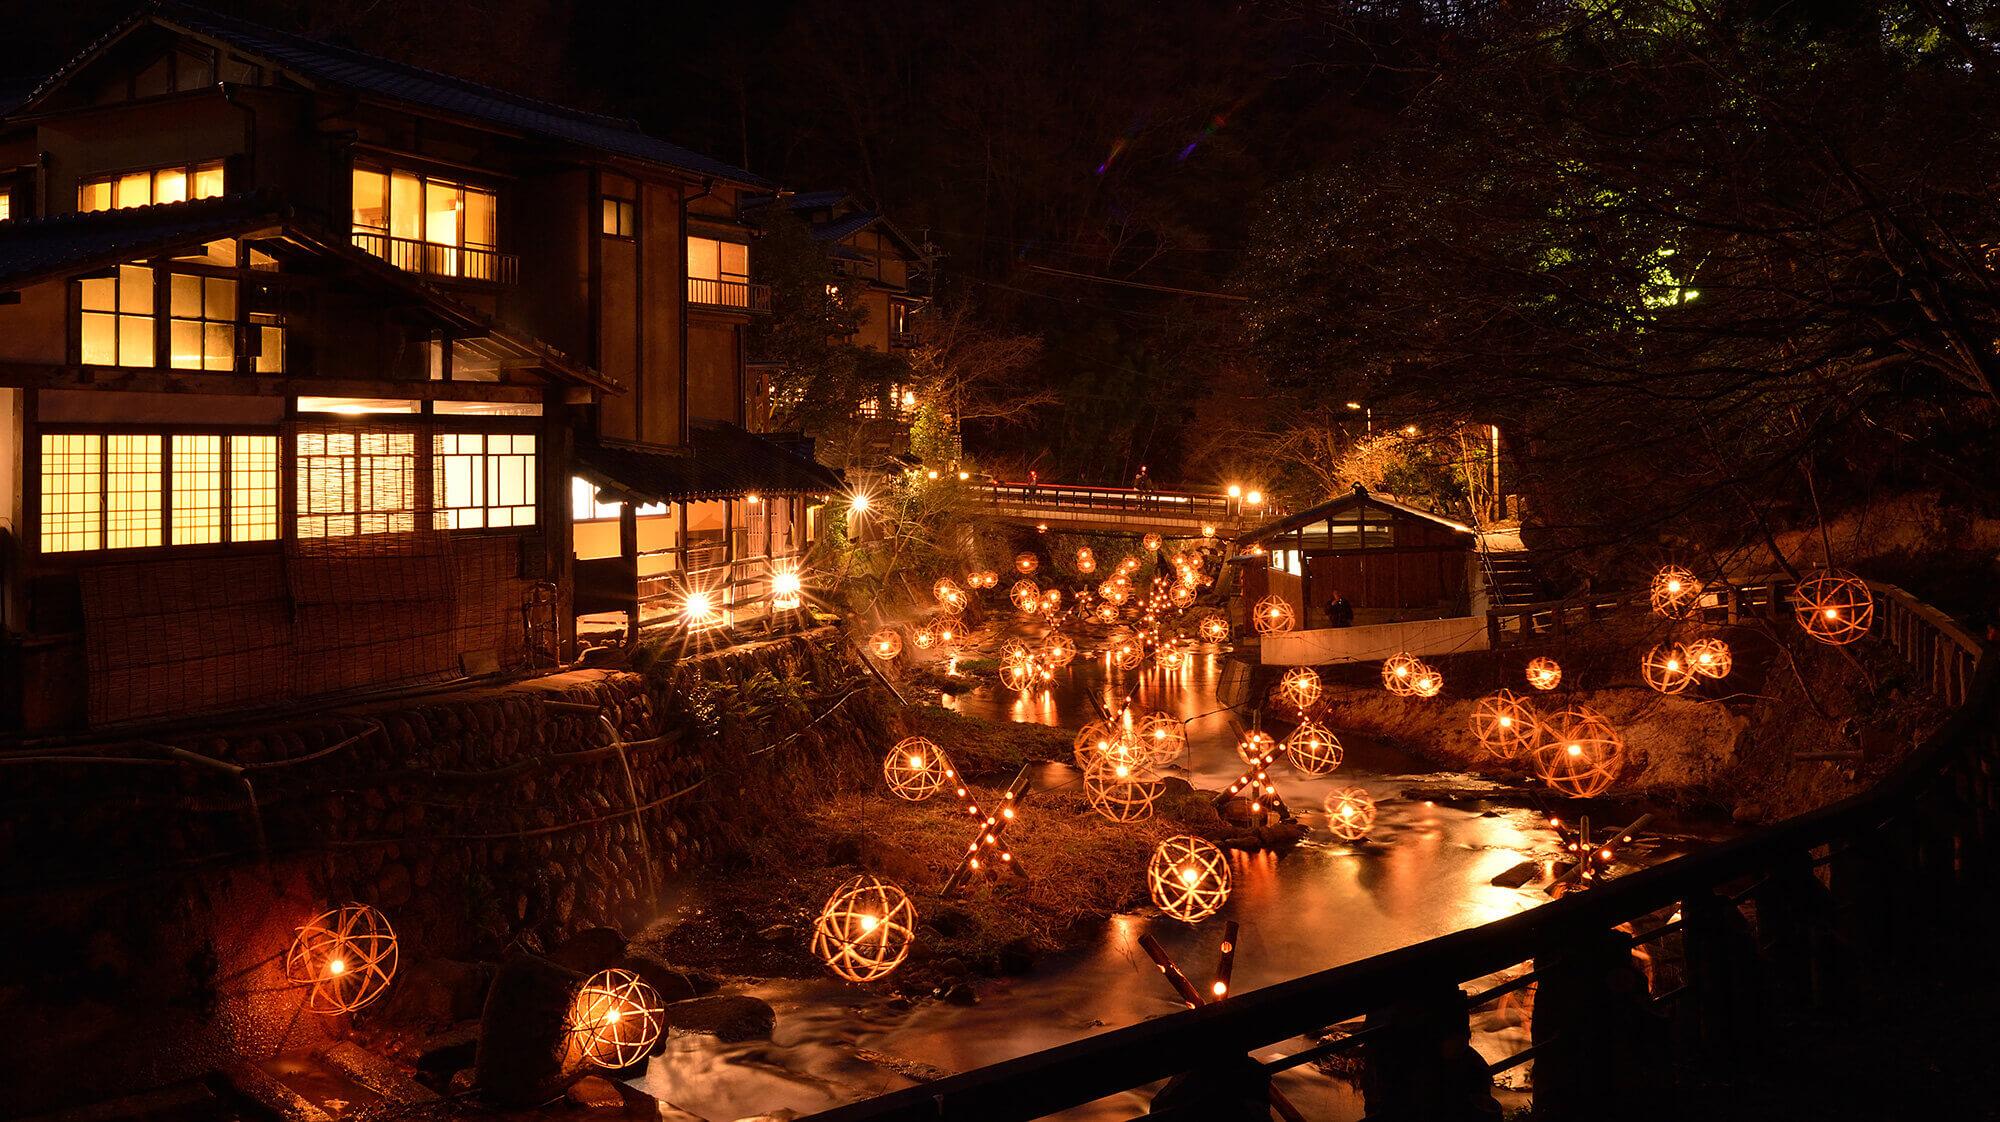 黑川溫泉湯明(湯あかり)。冬季限定|九州夢幻竹燈祭2019